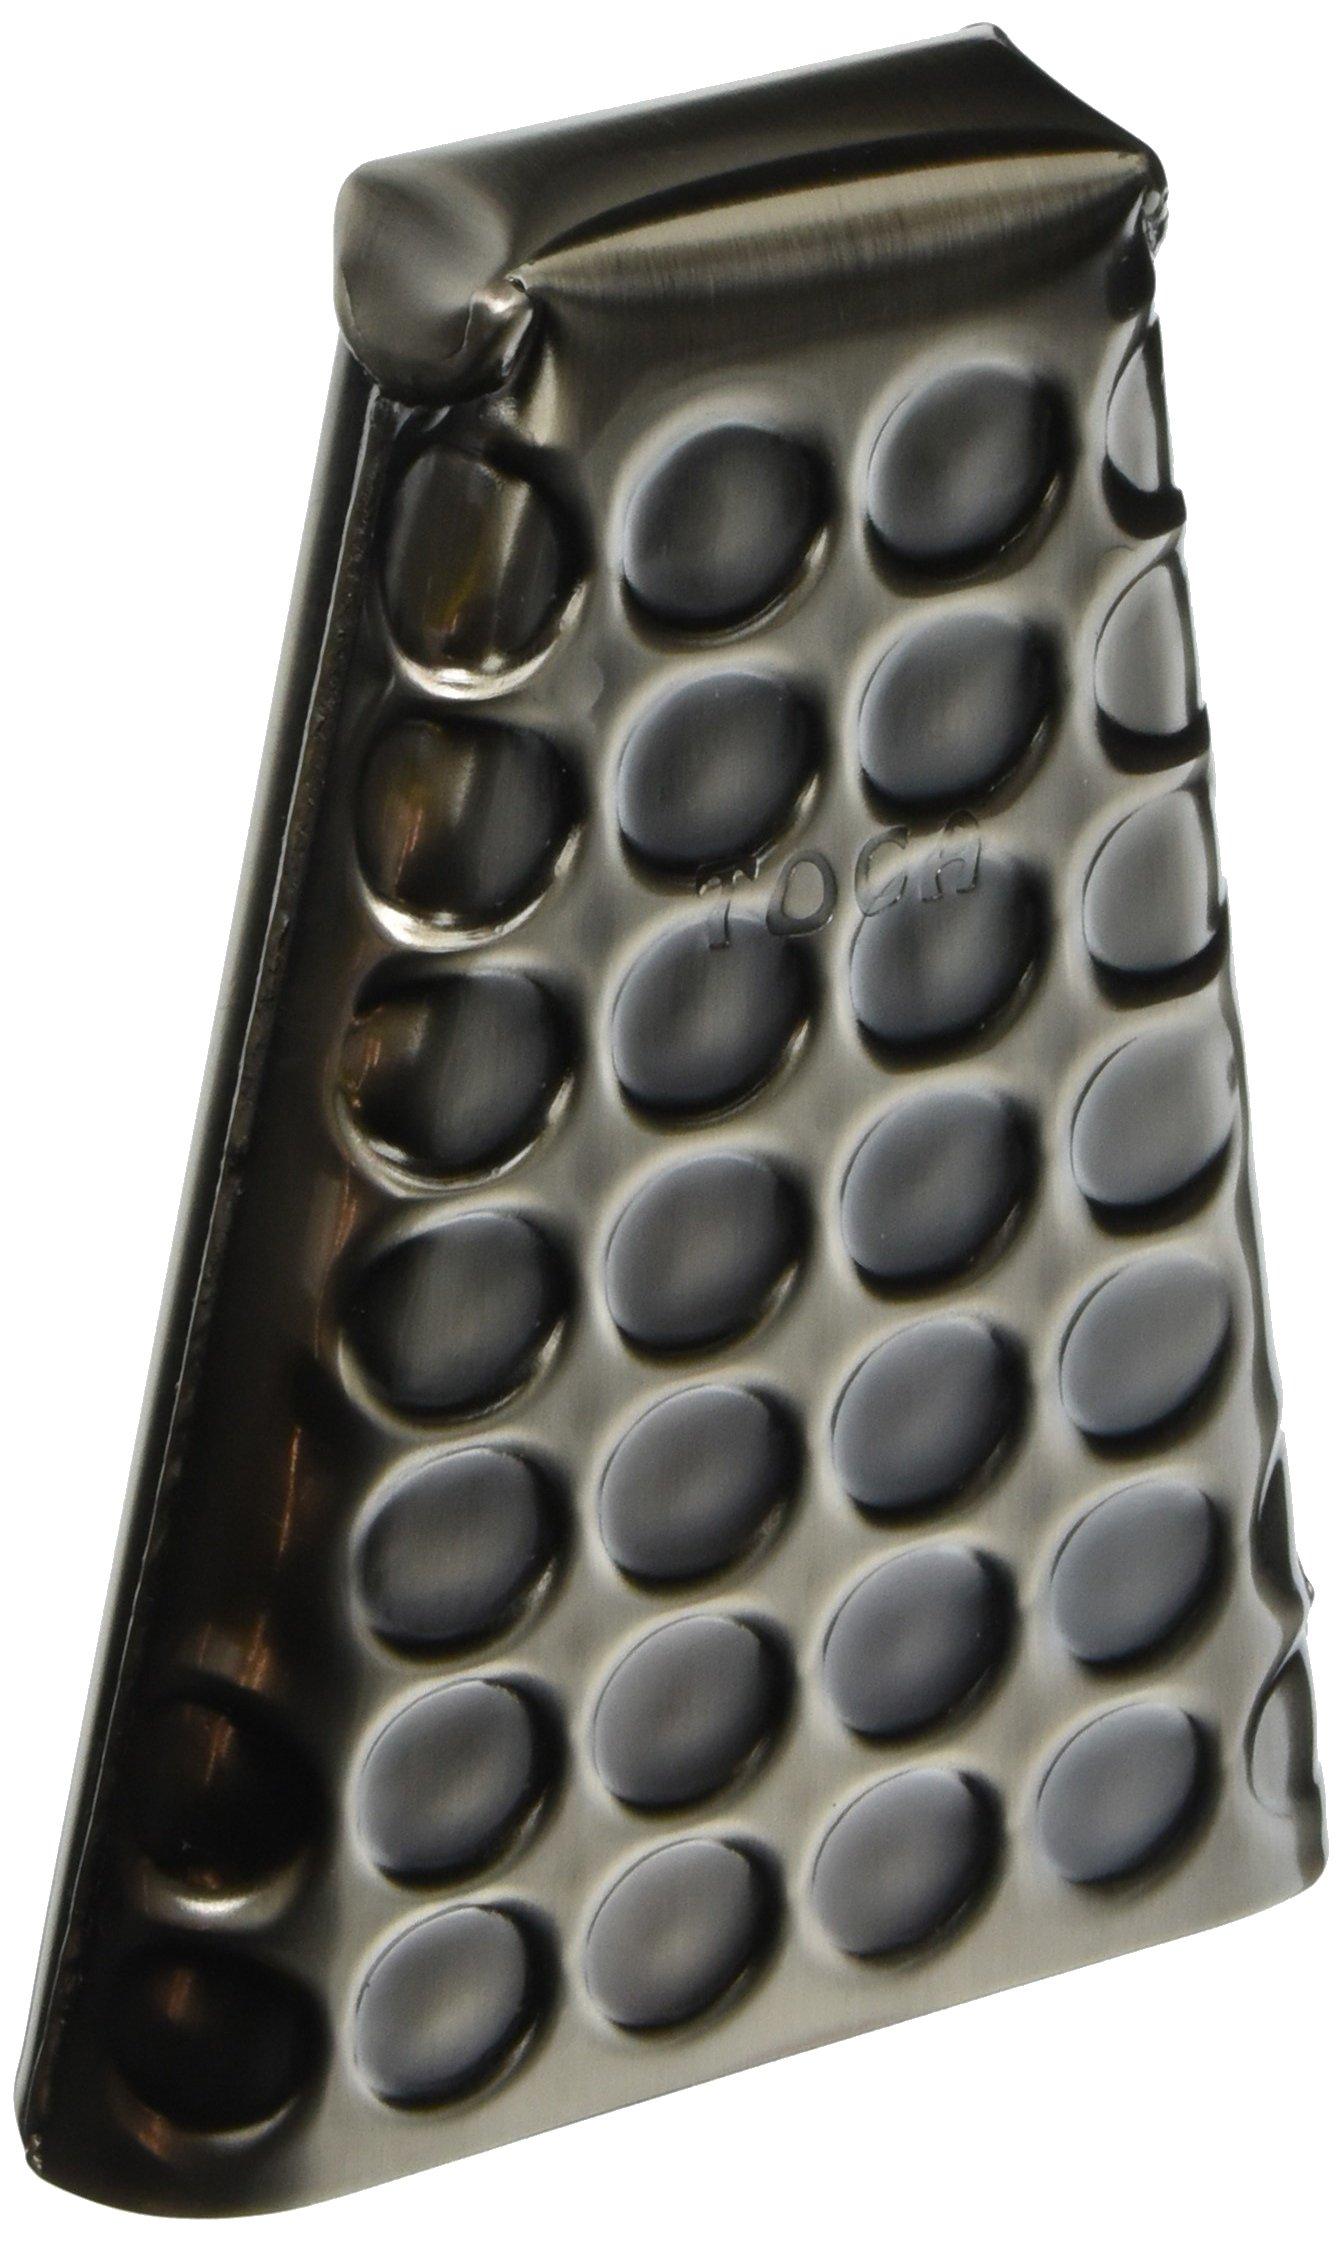 Toca TPC-3BL Handheld Cowbell by Toca